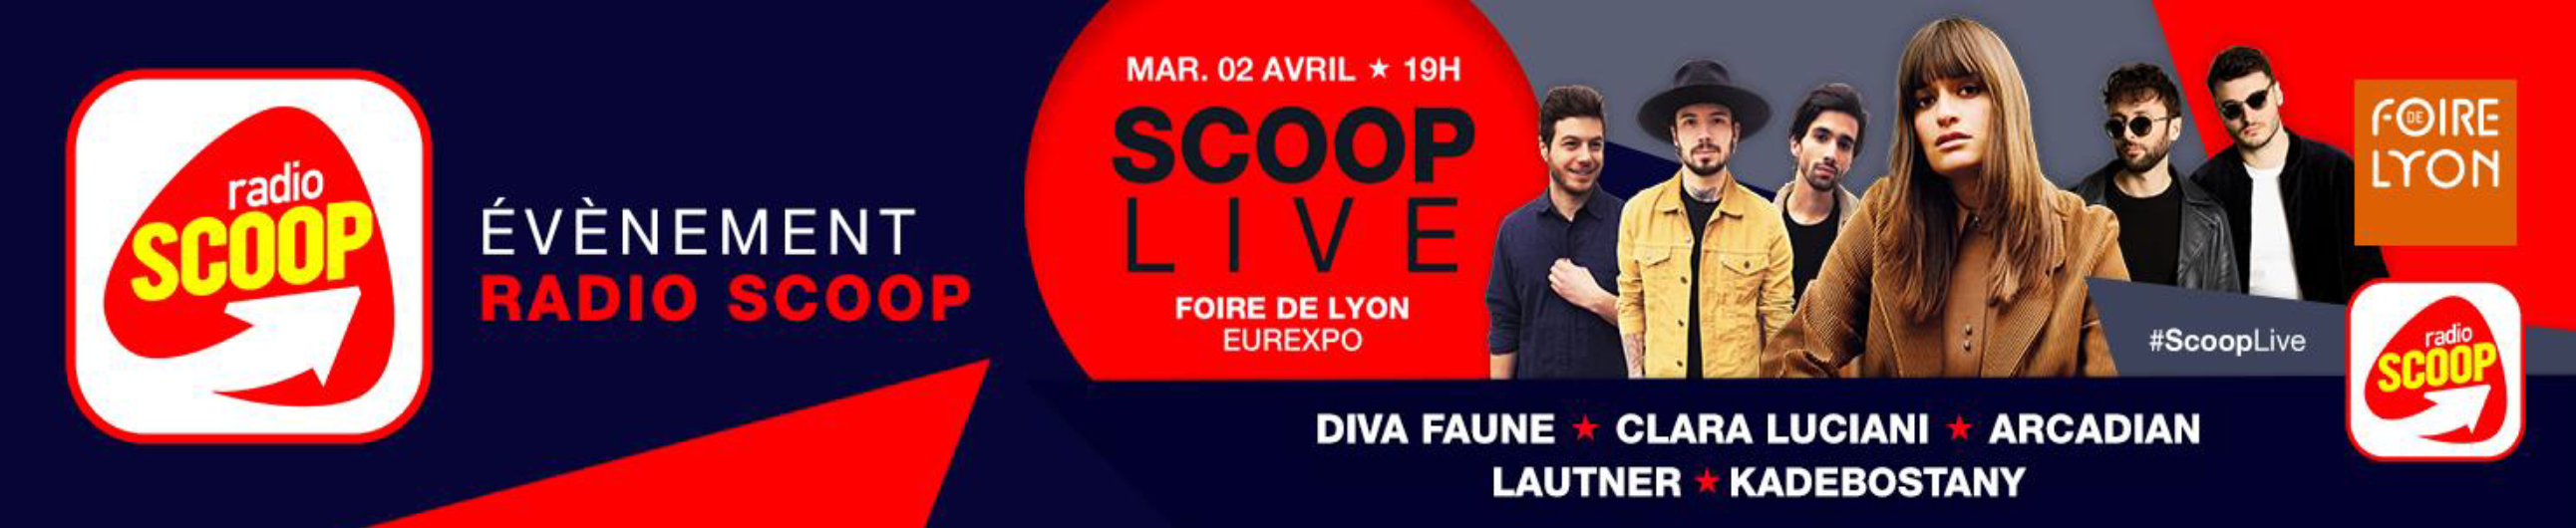 Radio Scoop, radio officielle de la Foire de Lyon 2019